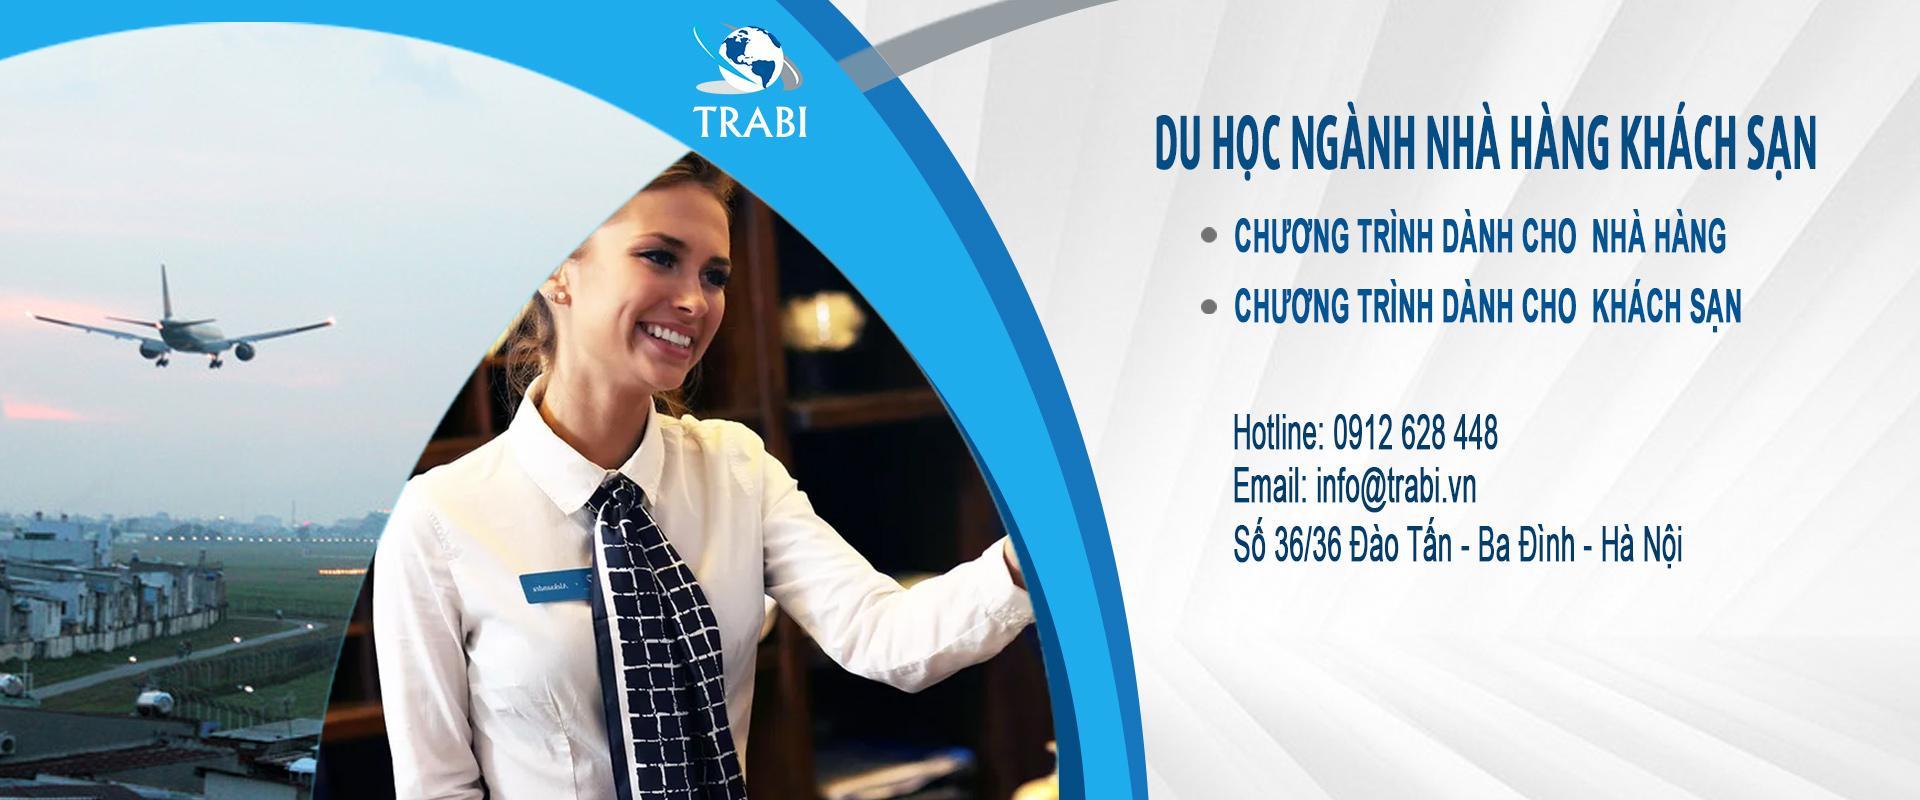 Bạn nên lựa chọn du học nghề nhà hàng, khách sạn tại Đức